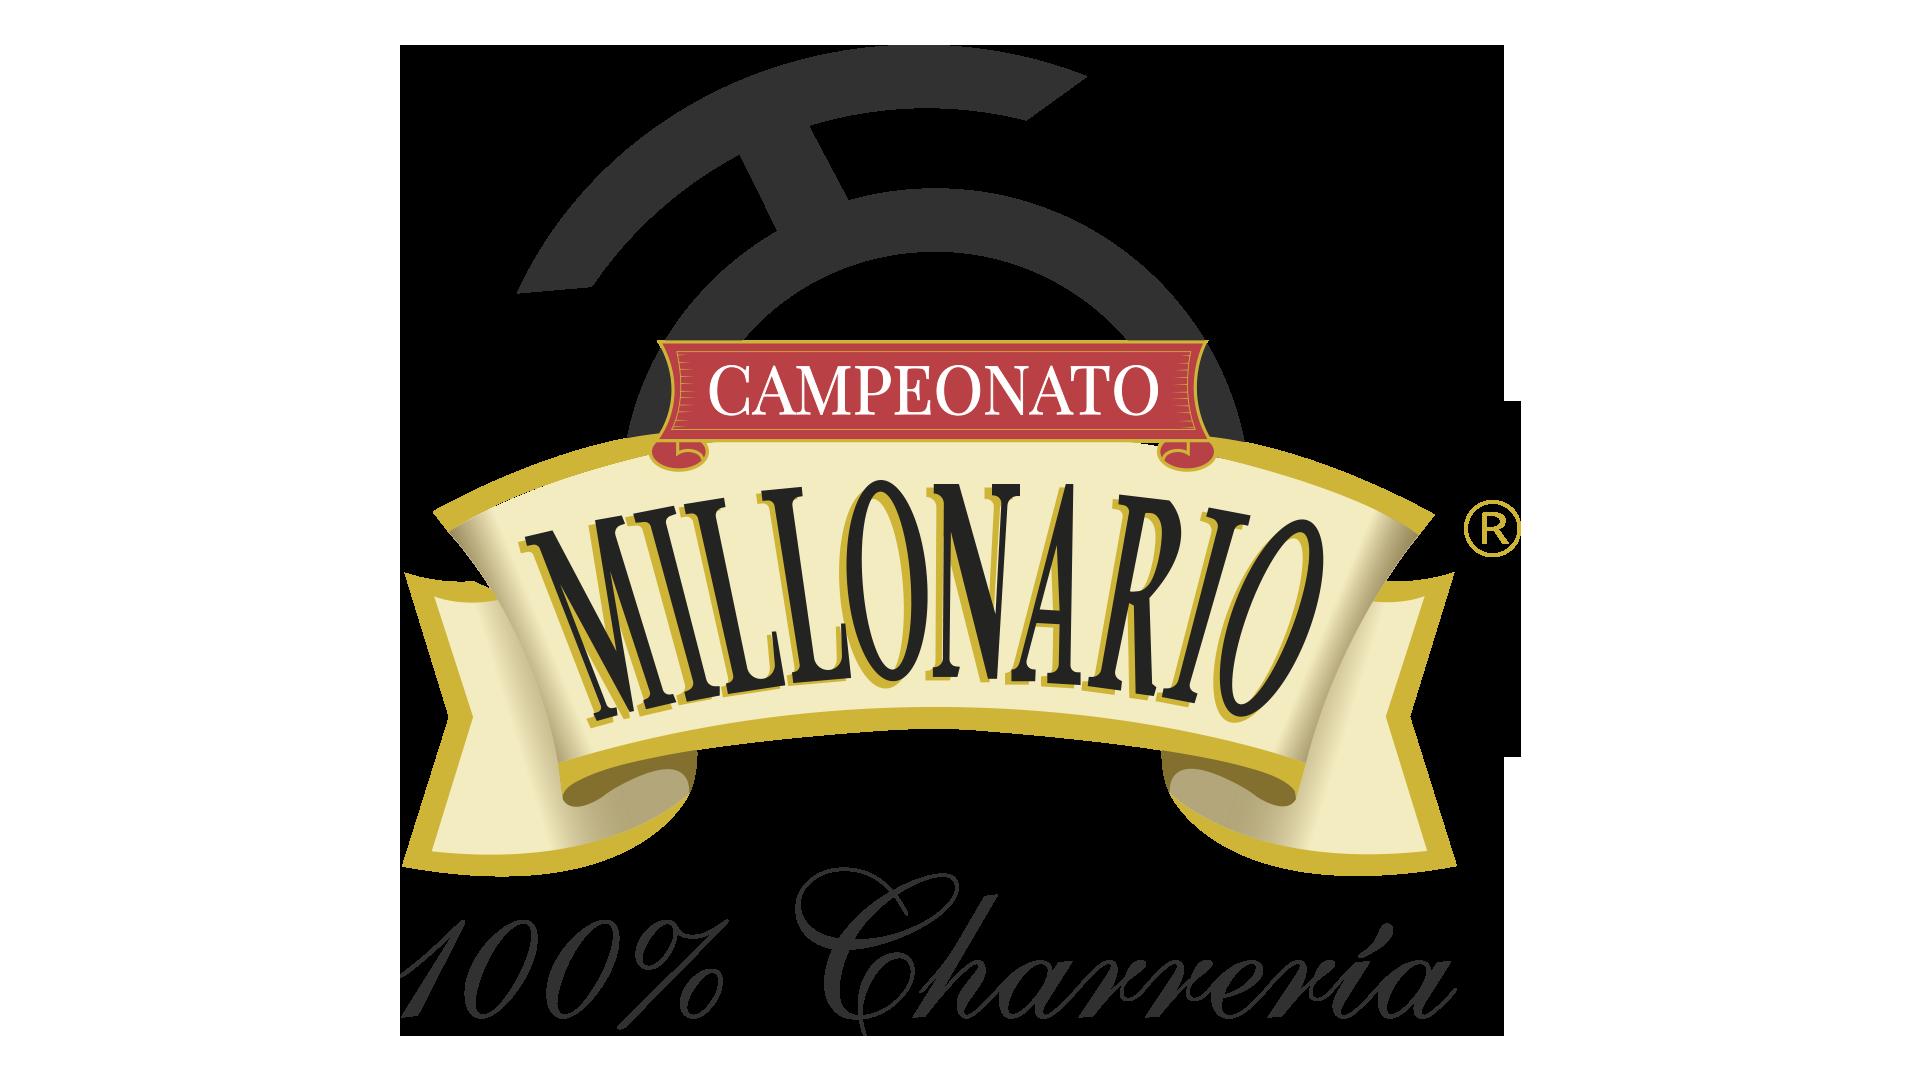 Campeonato Millonario Tequila Hacienda Vieja